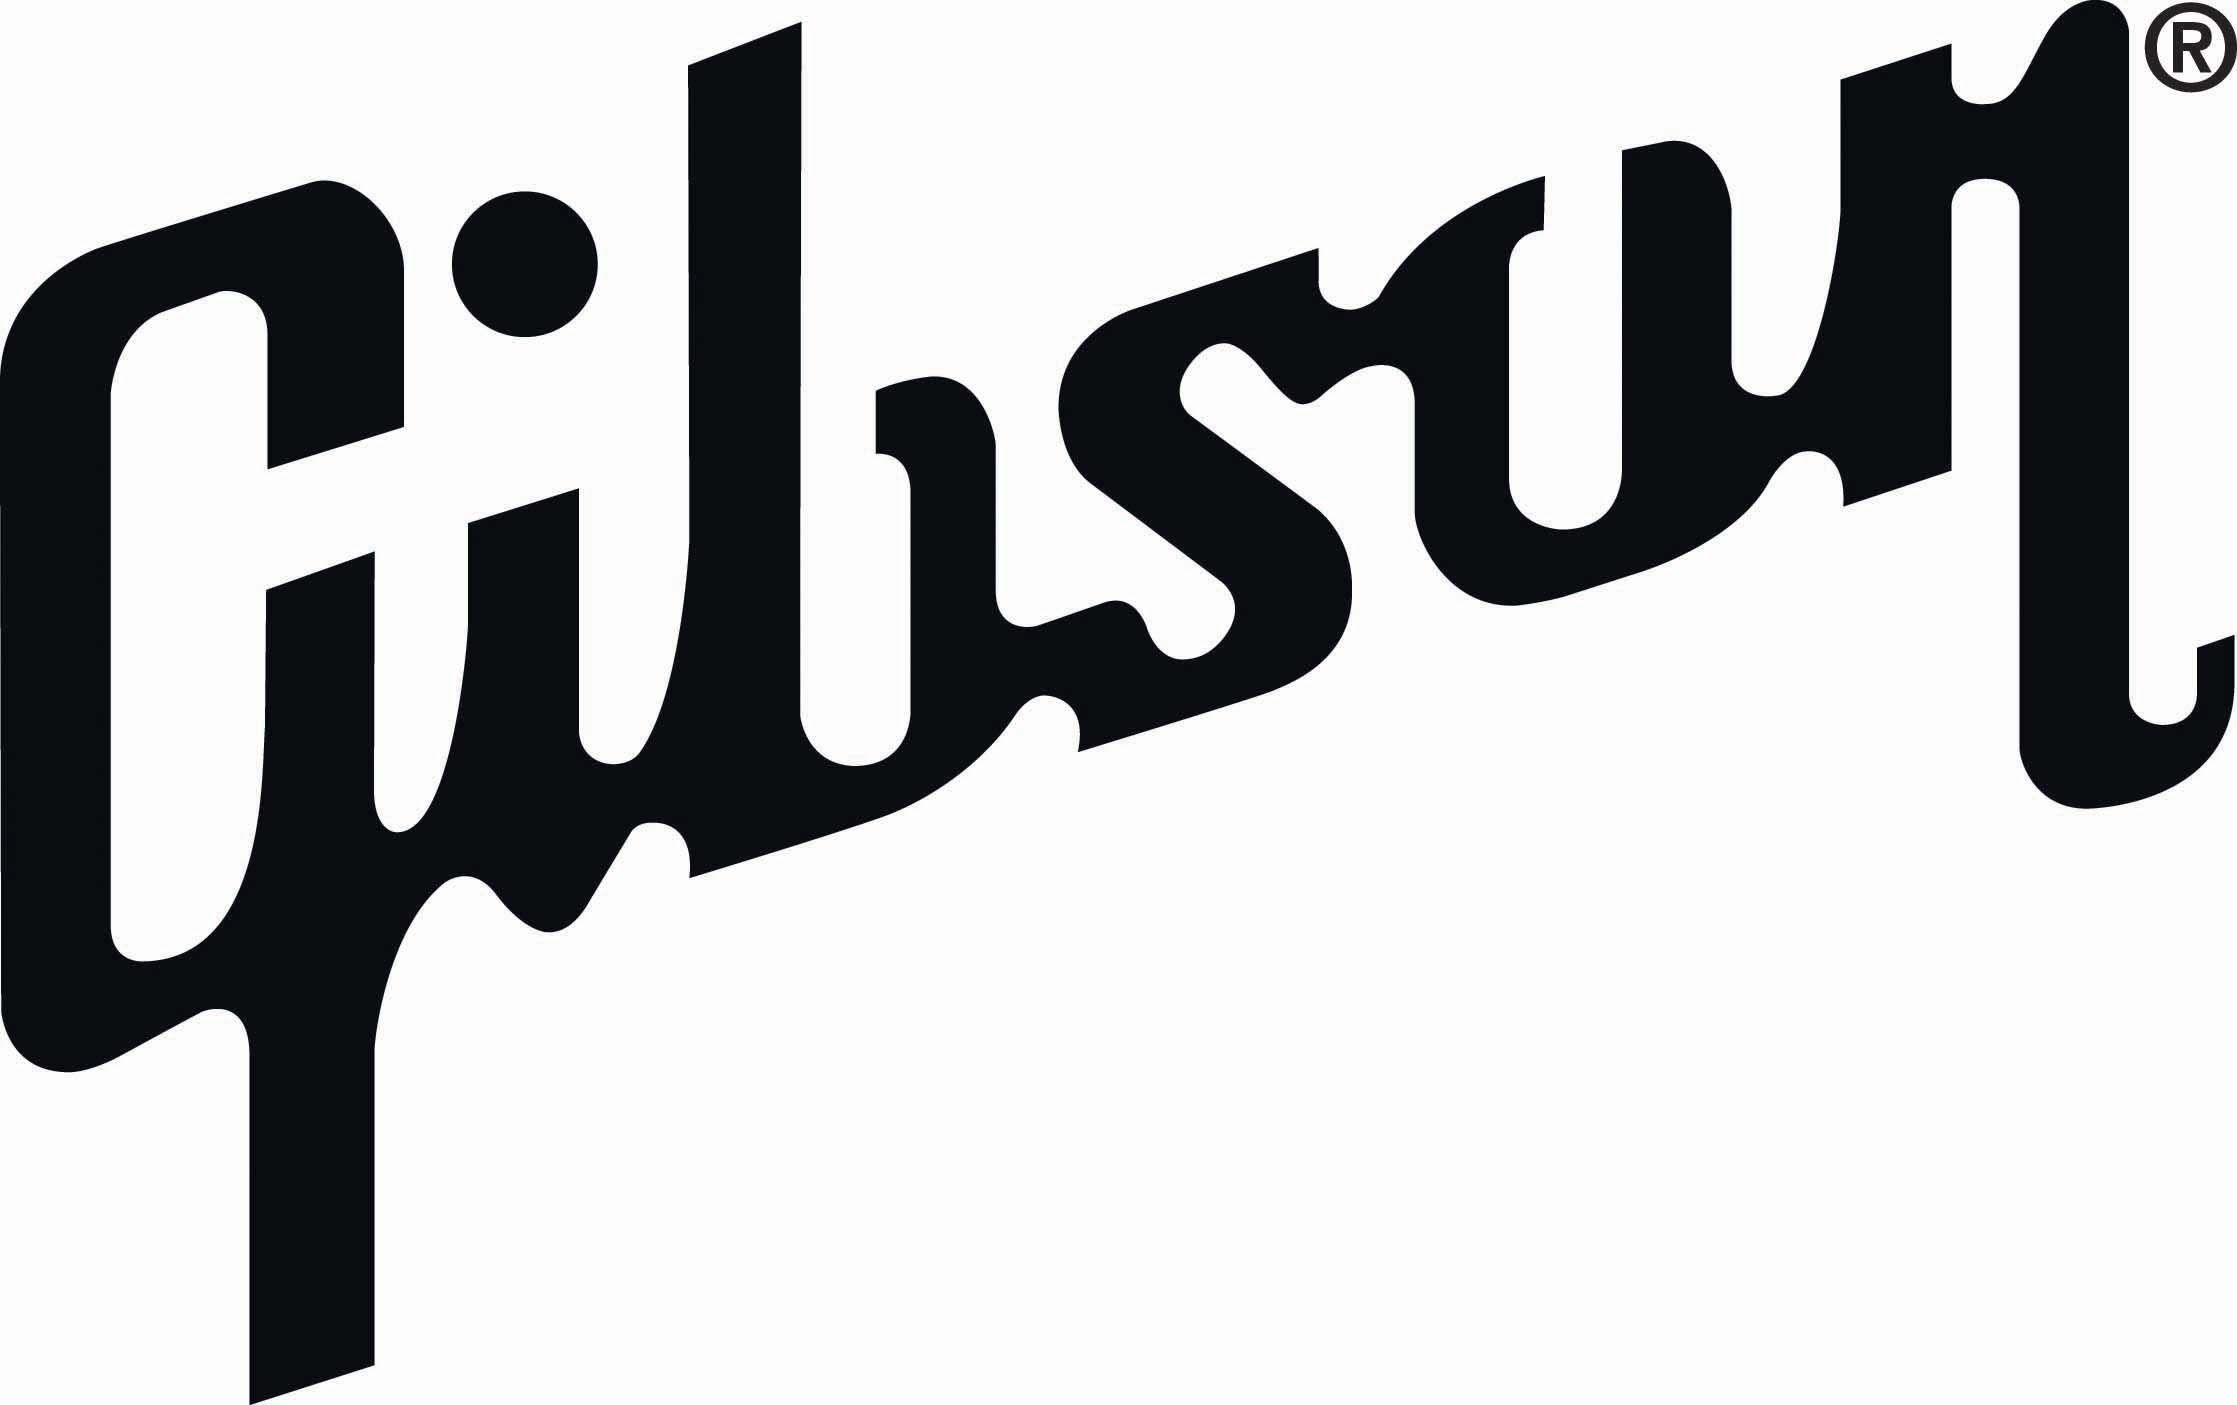 gibson vs fender gibson guitars guitars and logos rh pinterest co uk fender stratocaster logo font fender guitar logo font